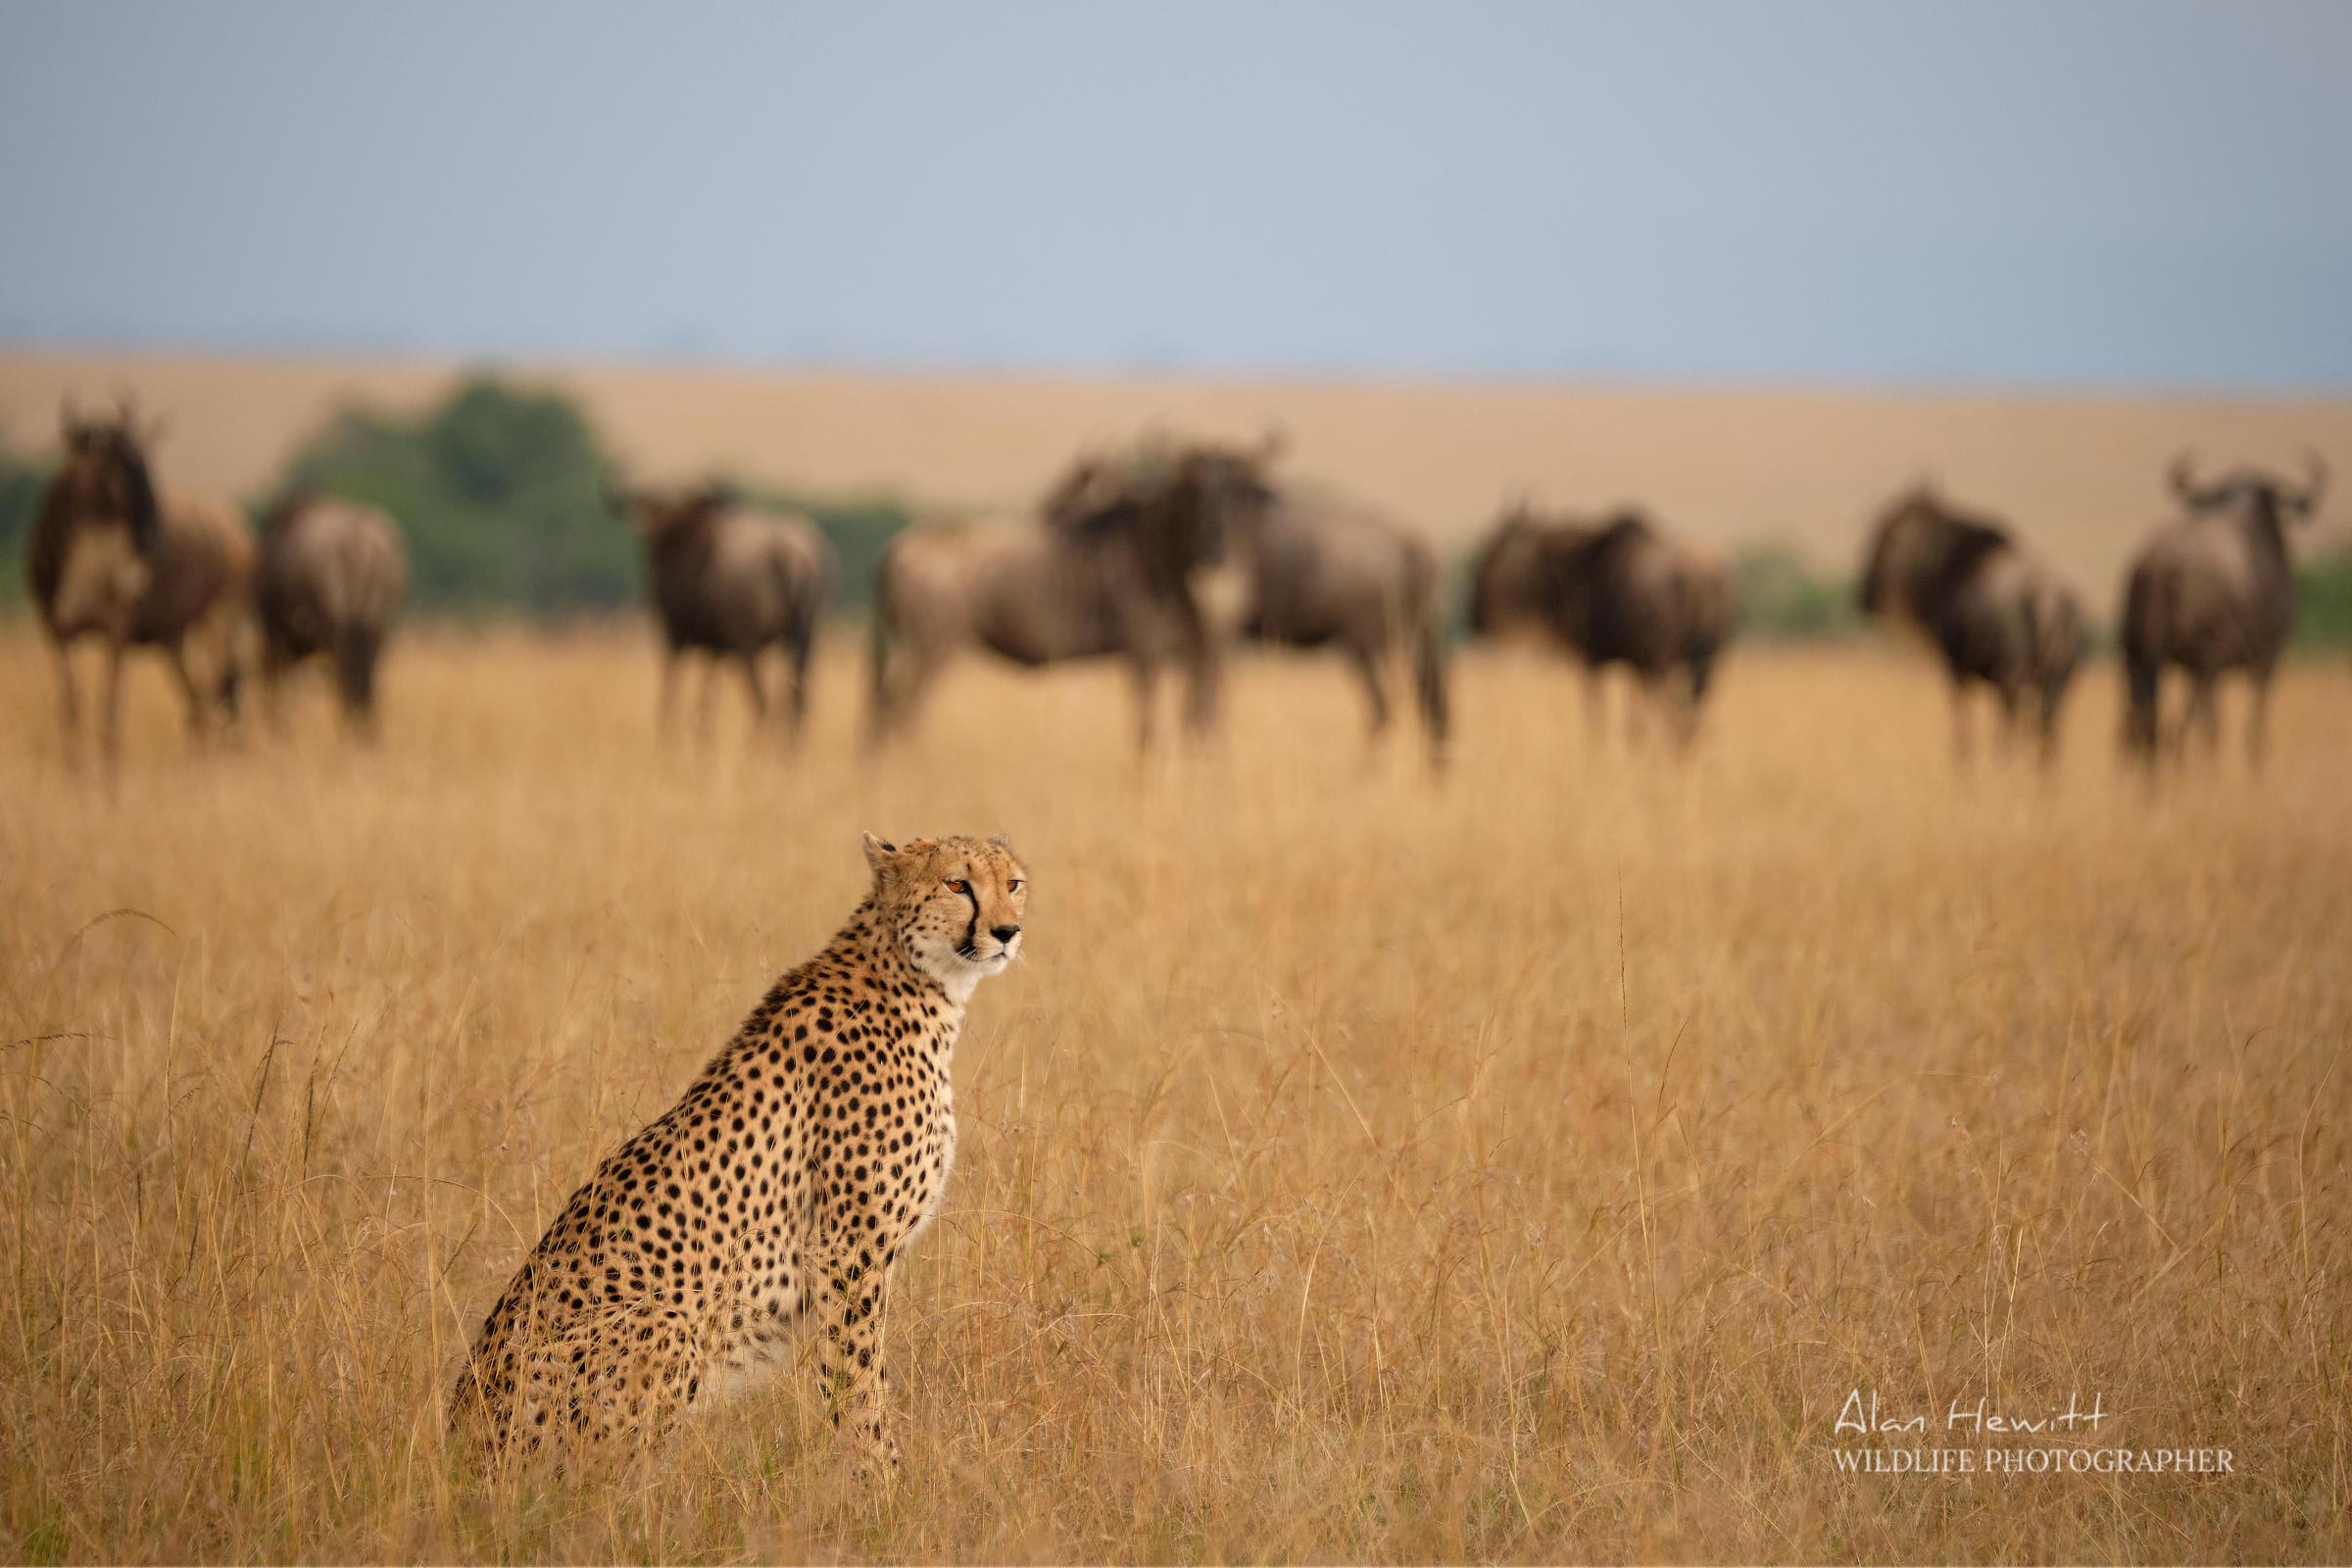 African Photography Safaris Alan Hewitt and Kaleel Zibe